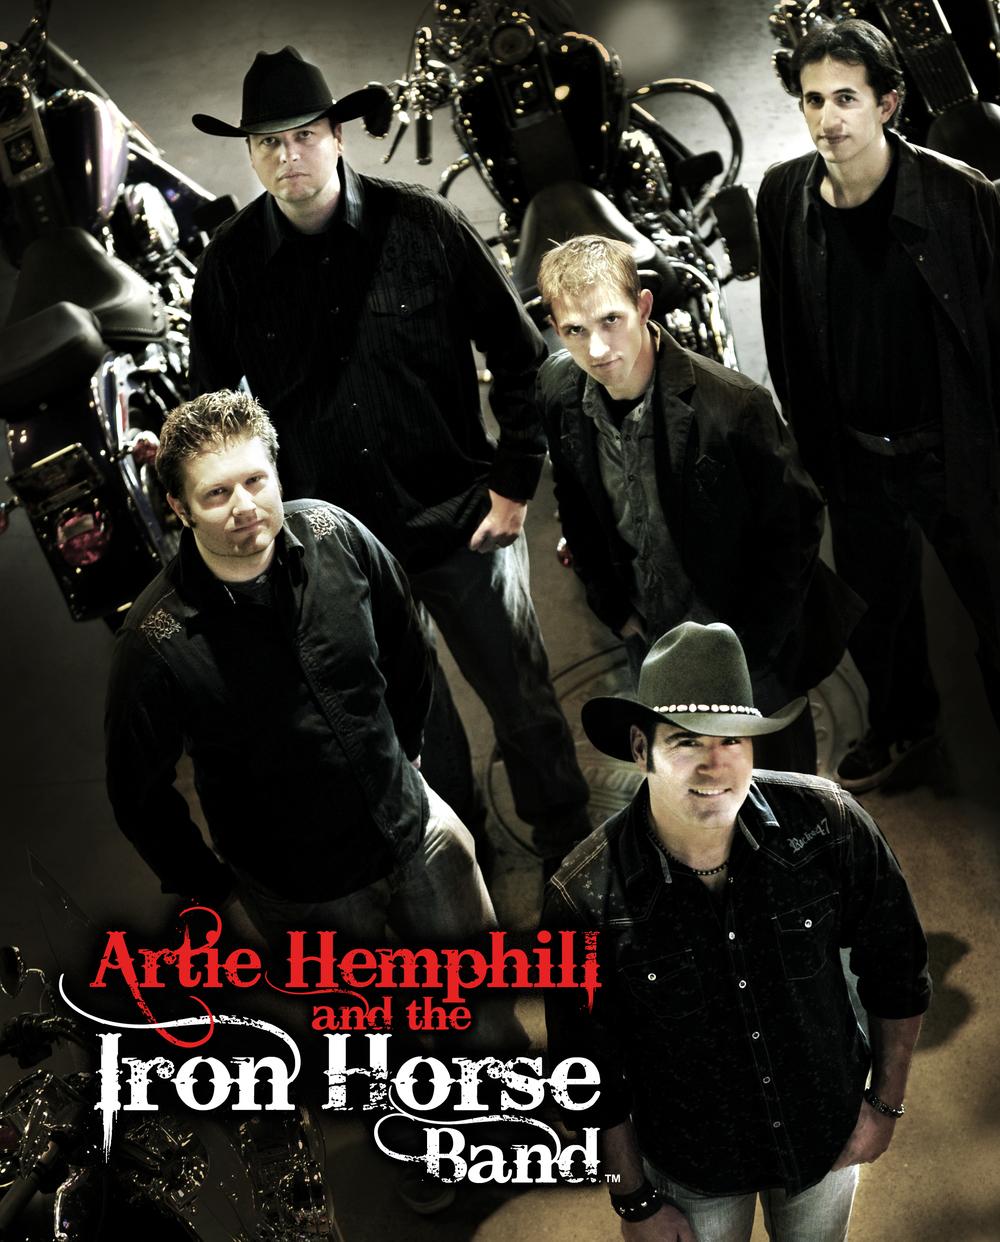 Artie Hemphill Iron Horse Band.jpg